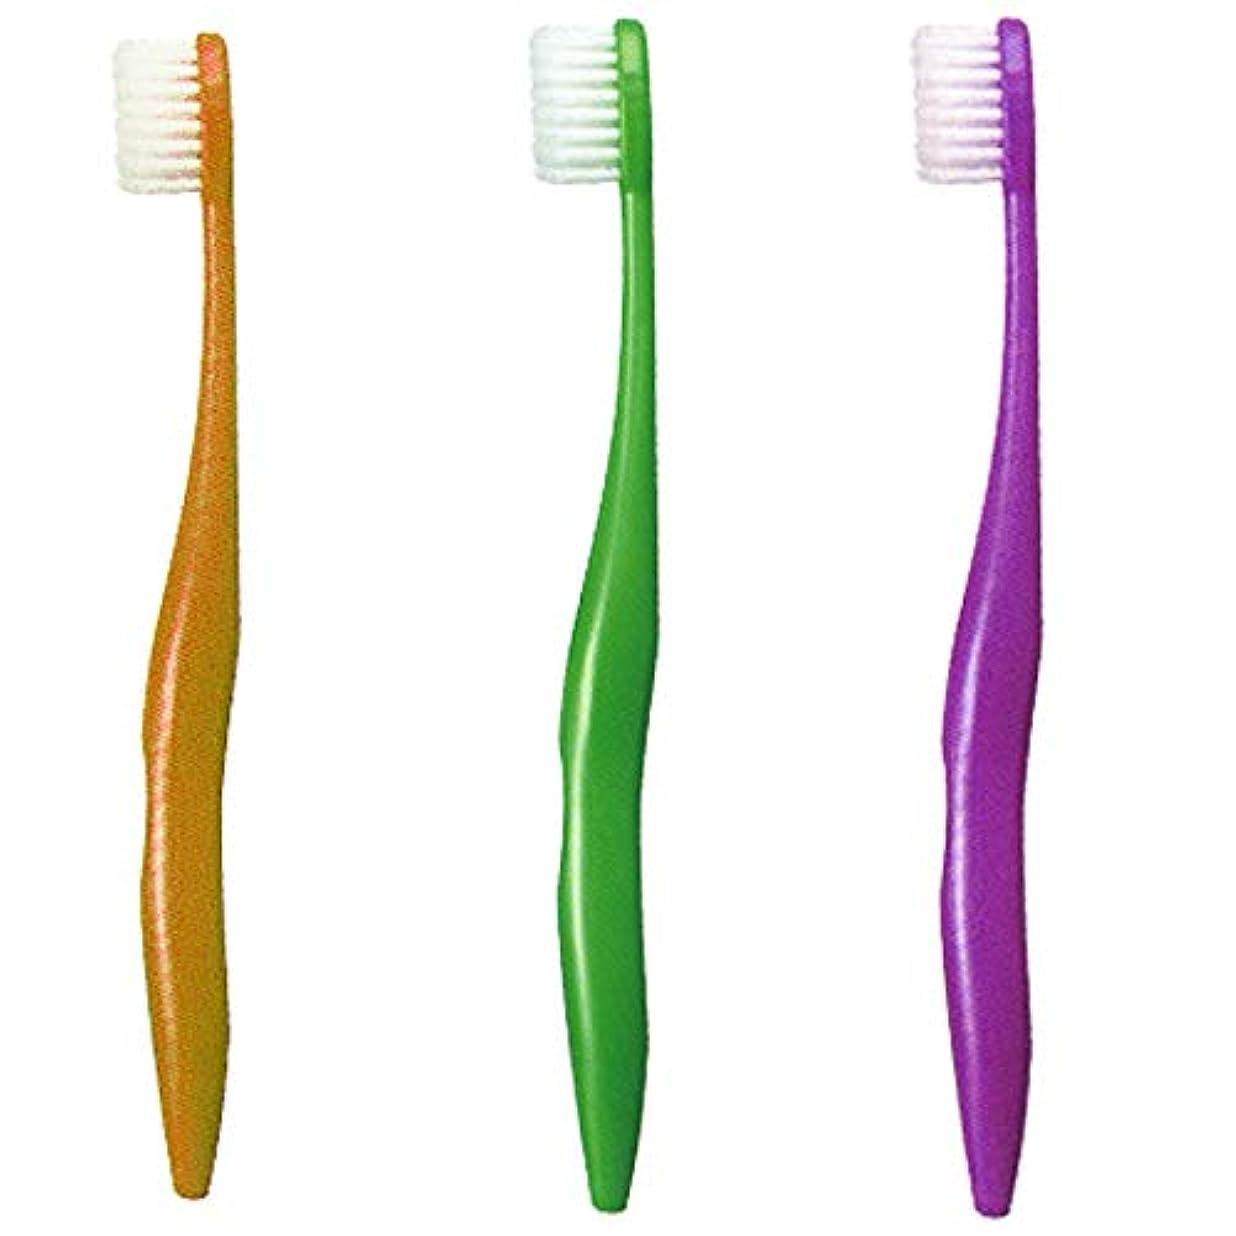 不信宿位置づける日本製 歯ブラシ ライカブル ミニ 12本【ライカブル】